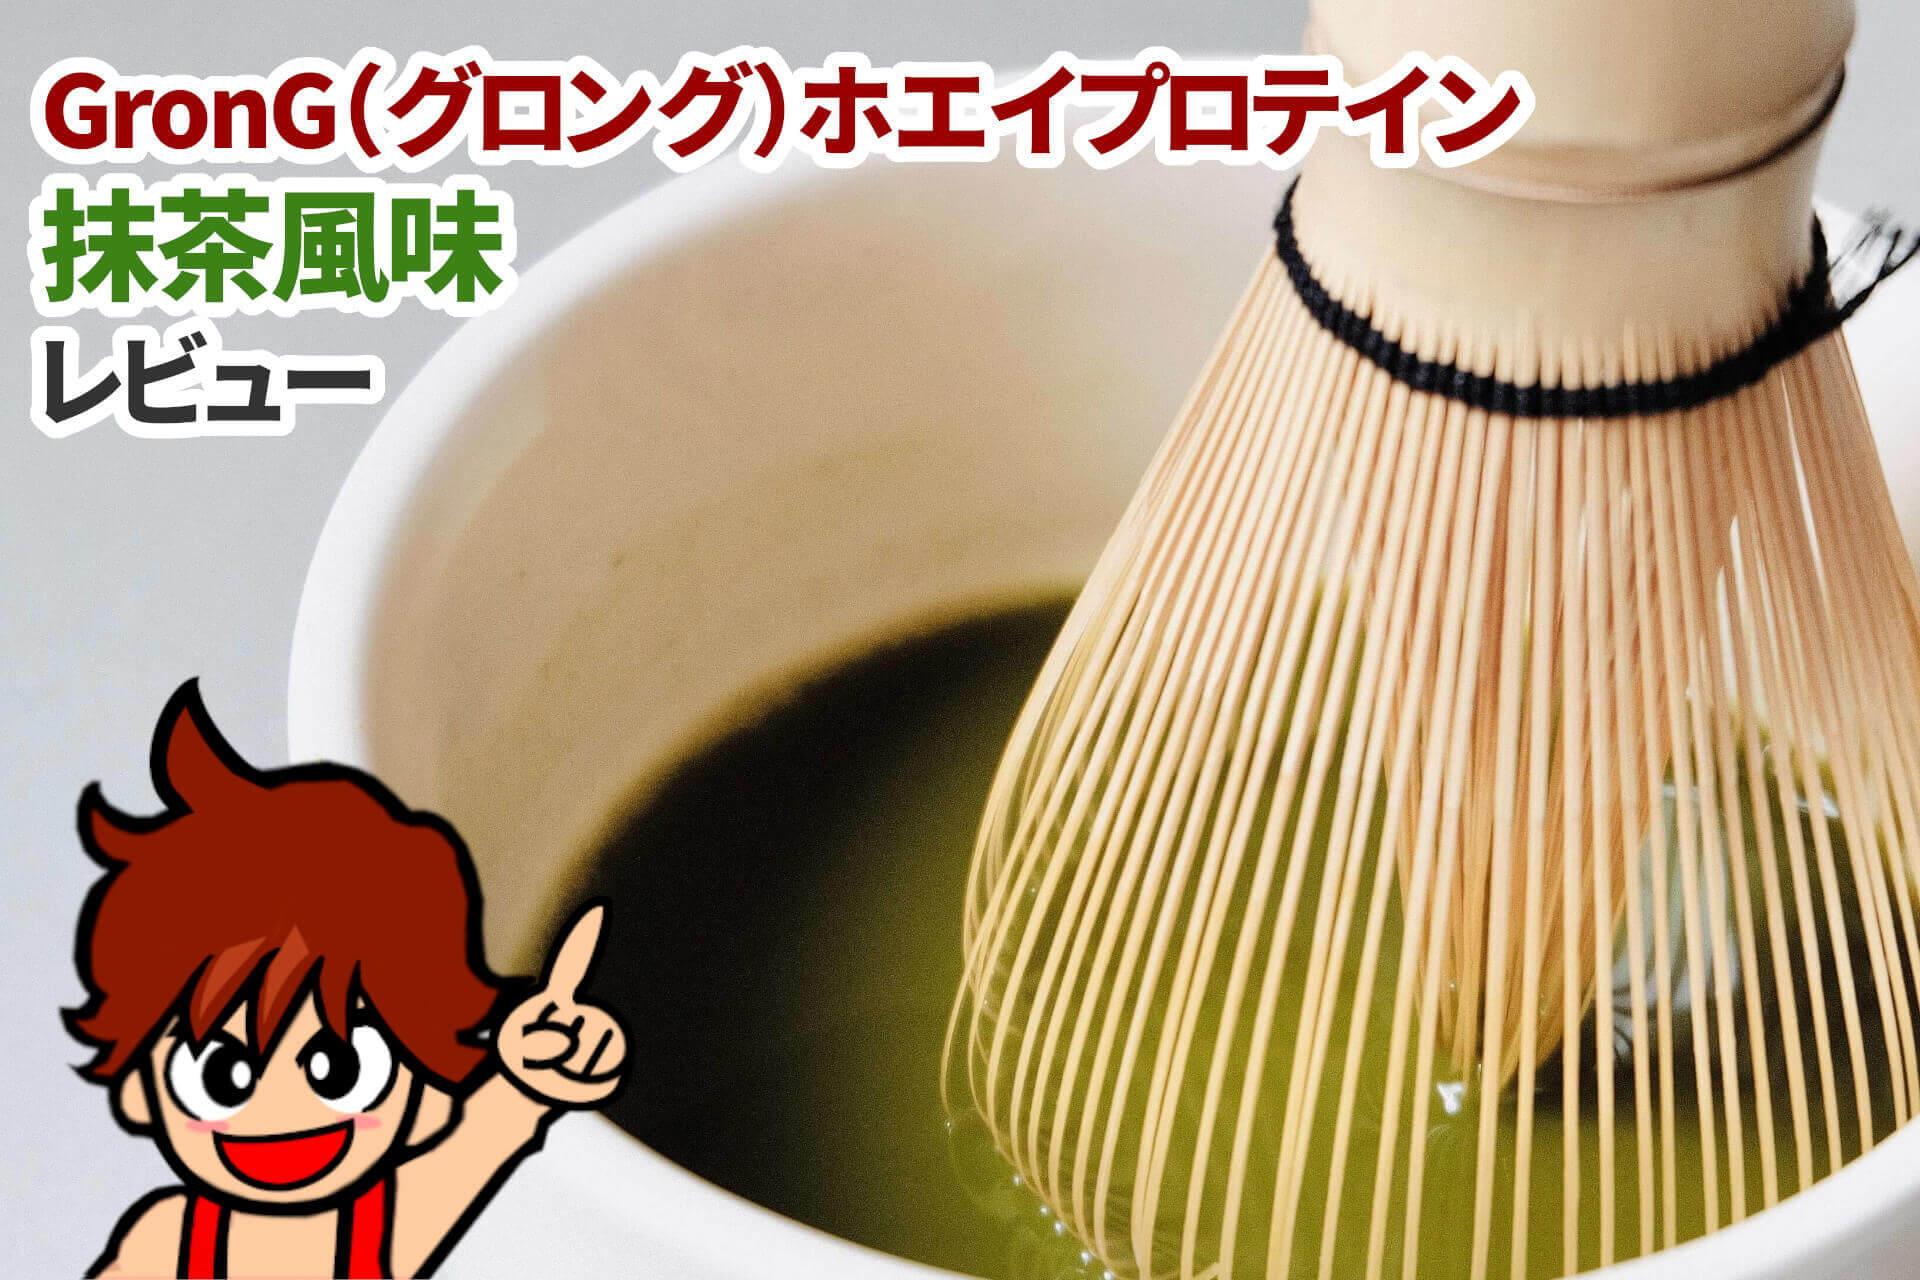 GronG(グロング)ホエイプロテイン 抹茶風味